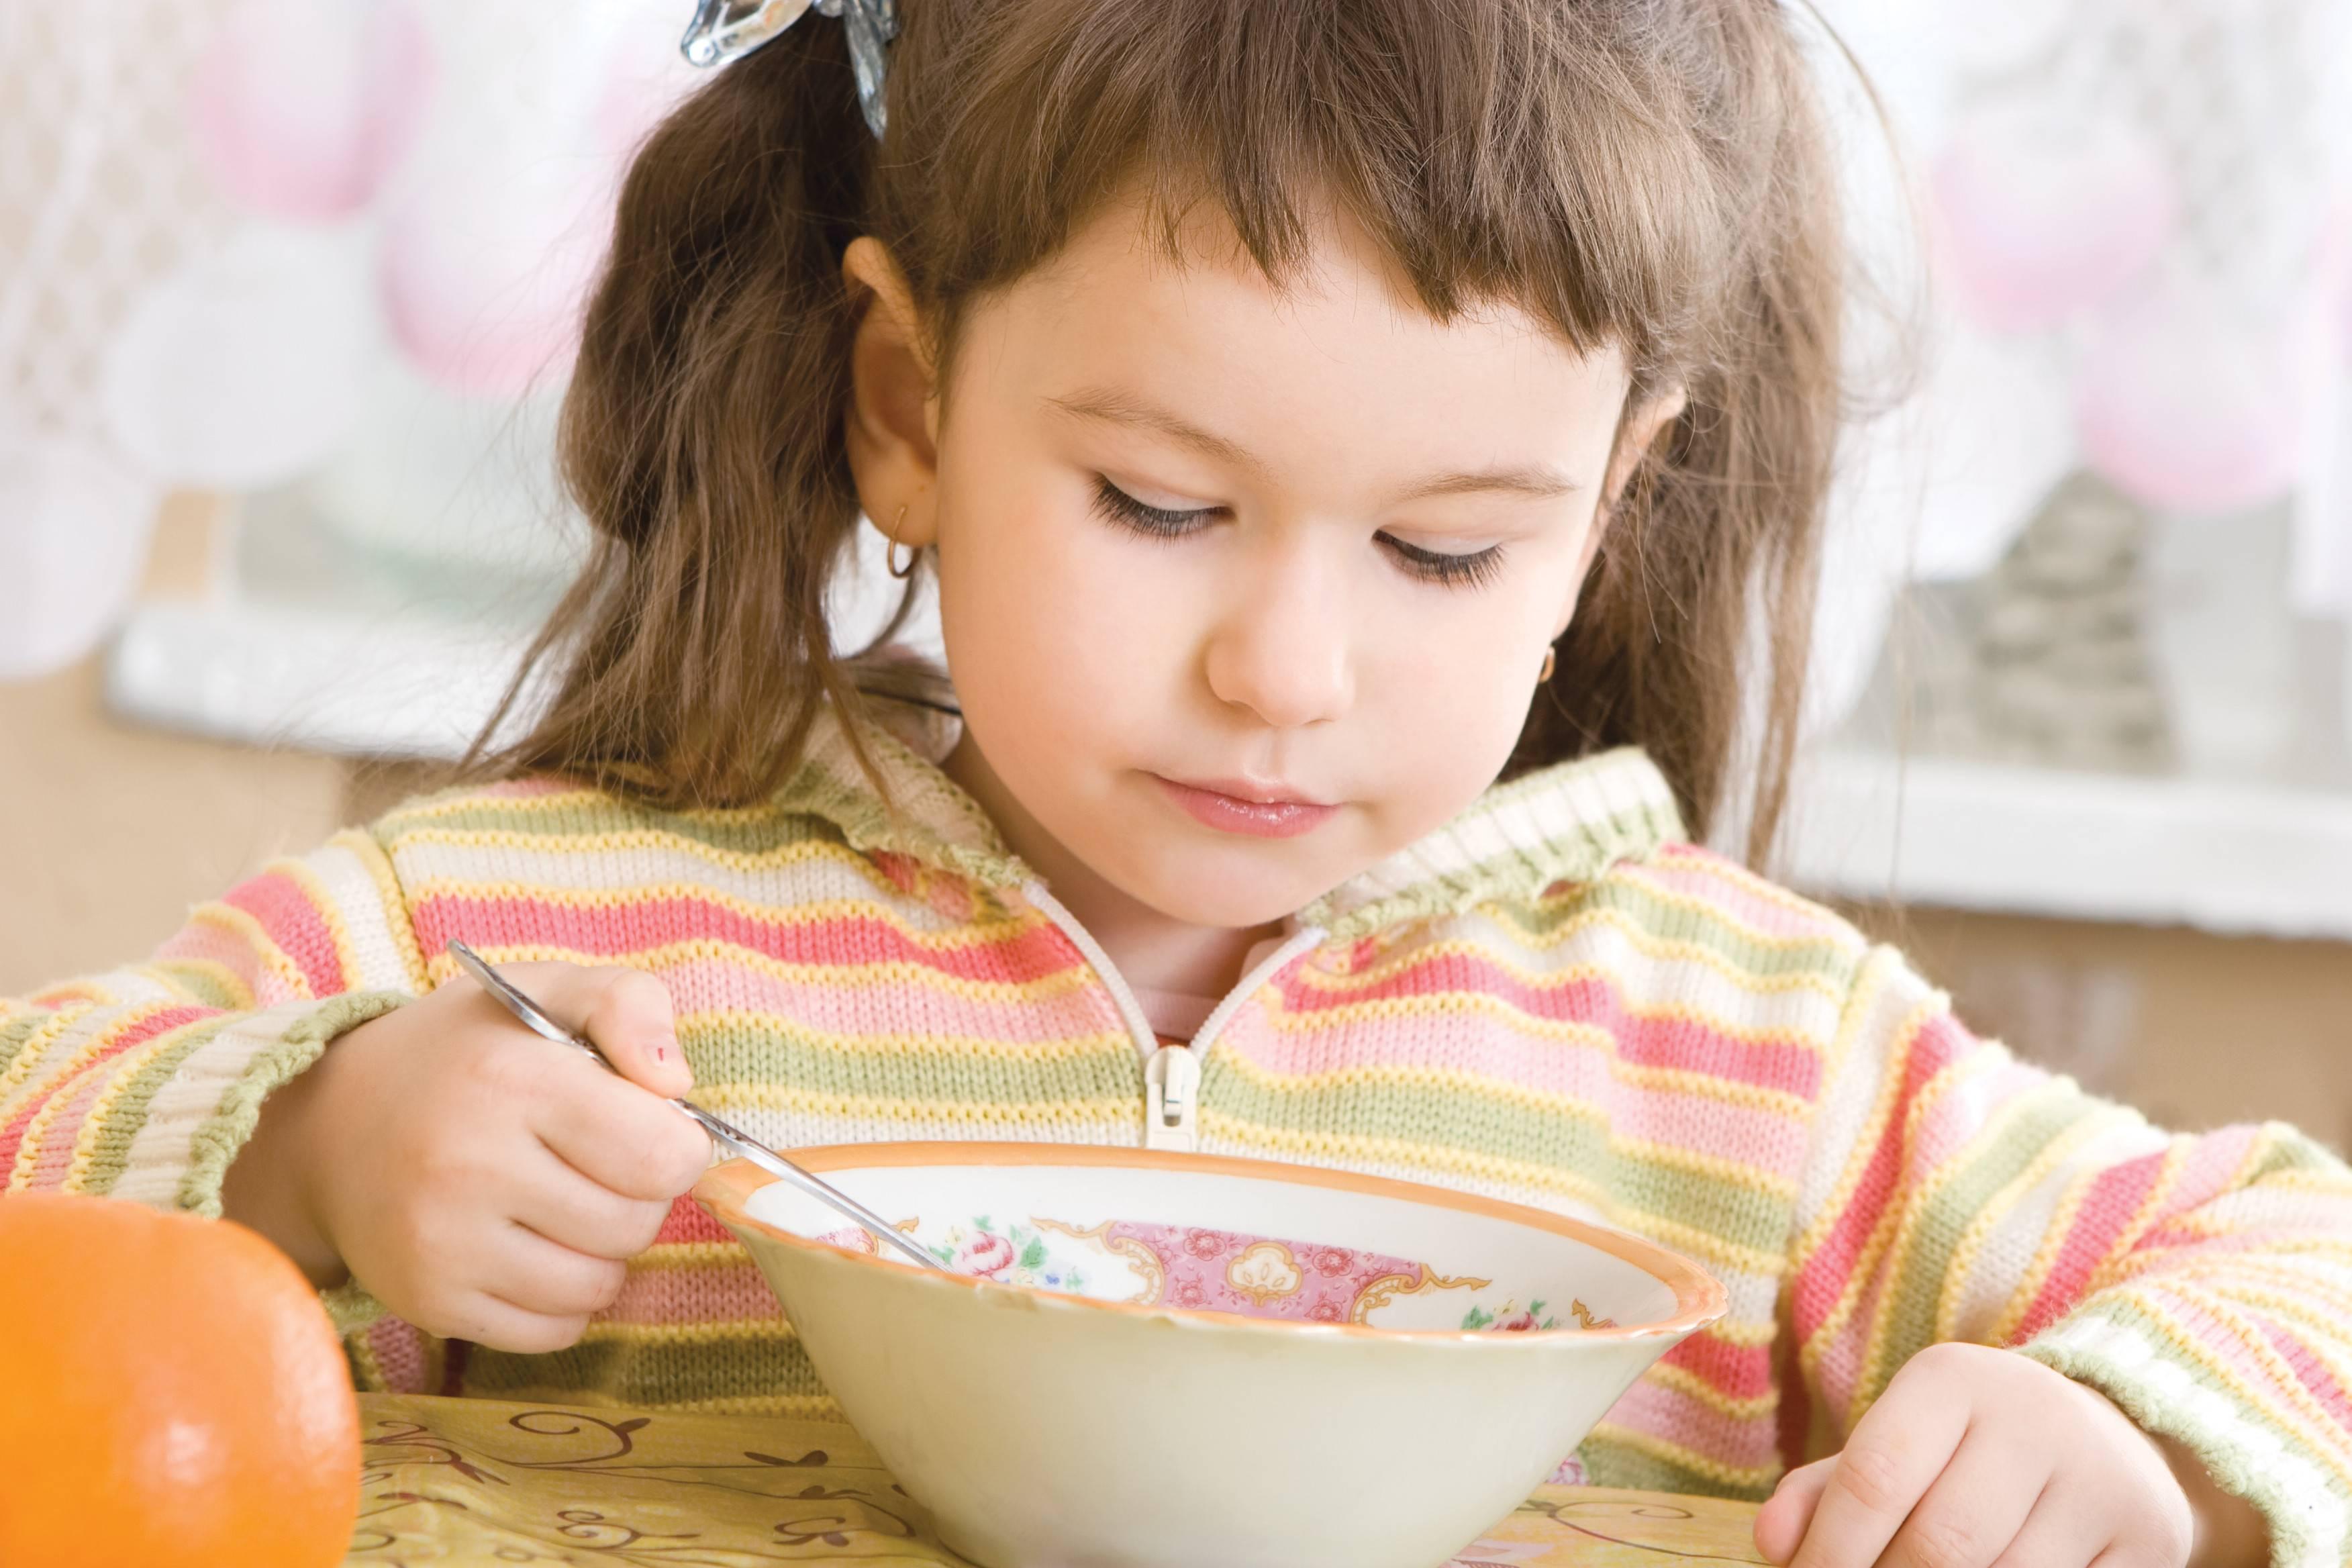 Молочный суп с вермишелью: рецепты, в том числе для ребёнка, с фото и видео